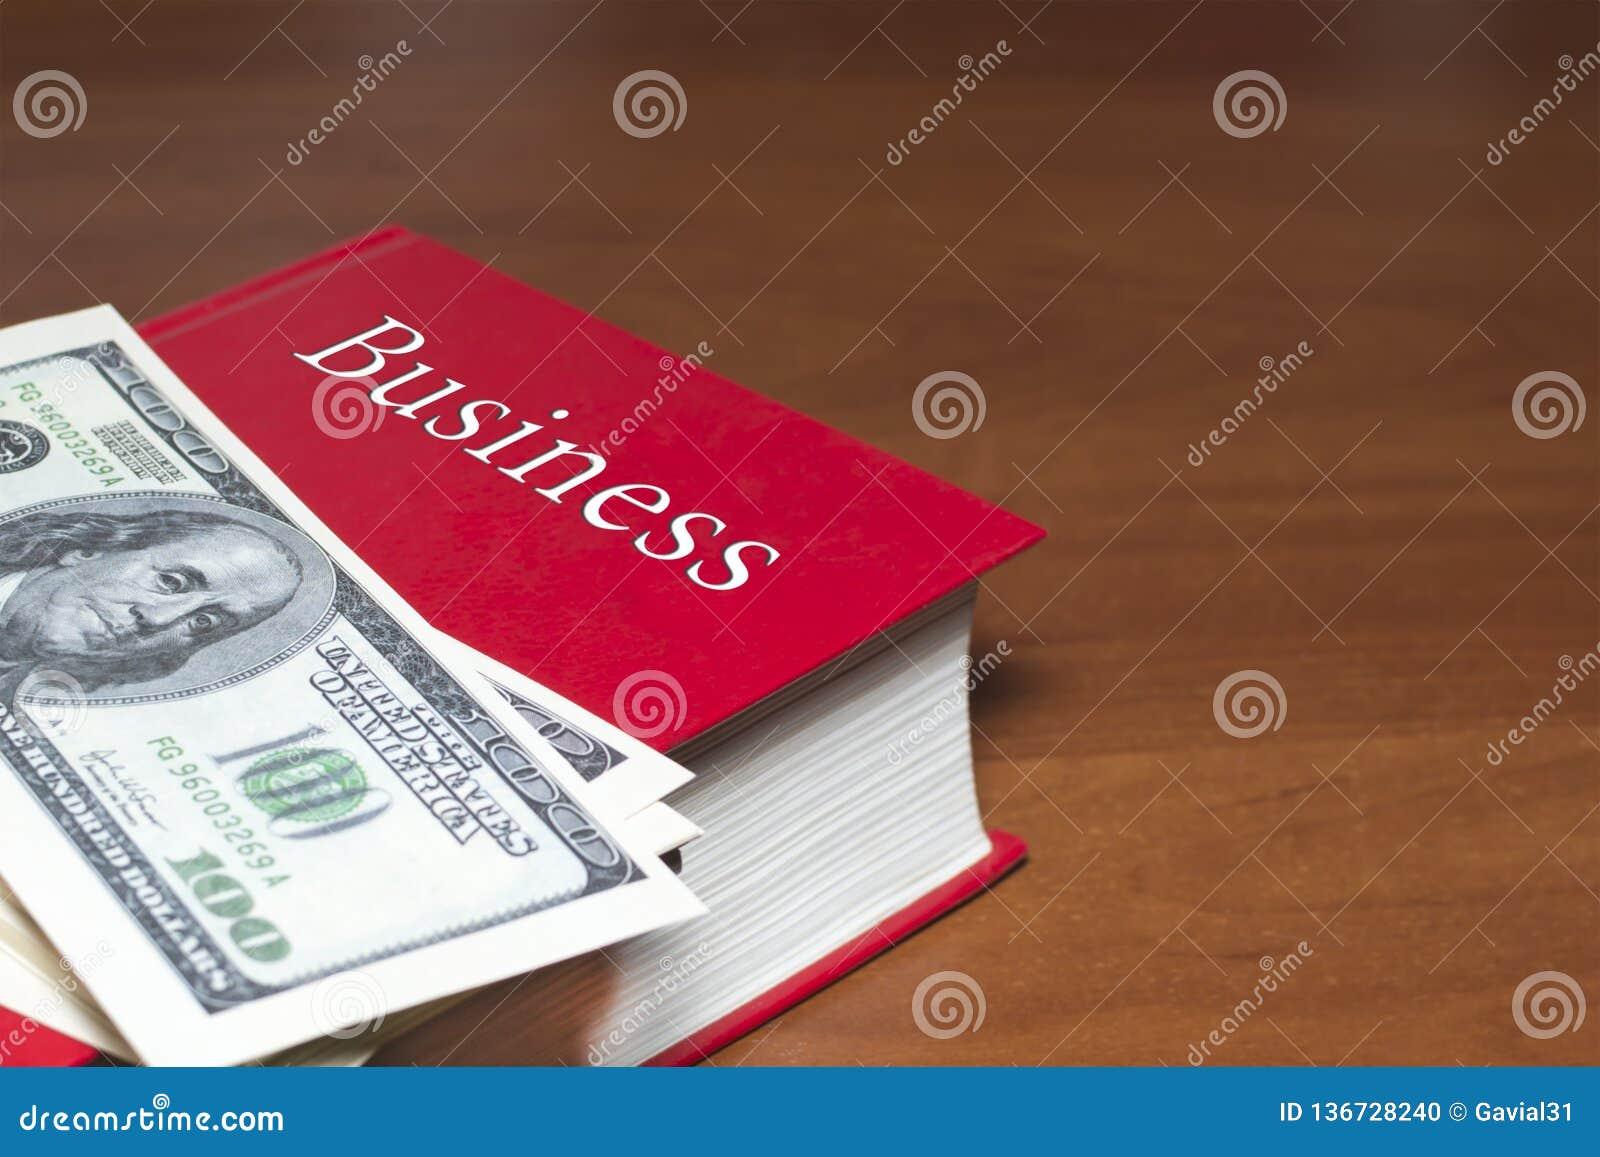 Molti dollari su un libro rosso